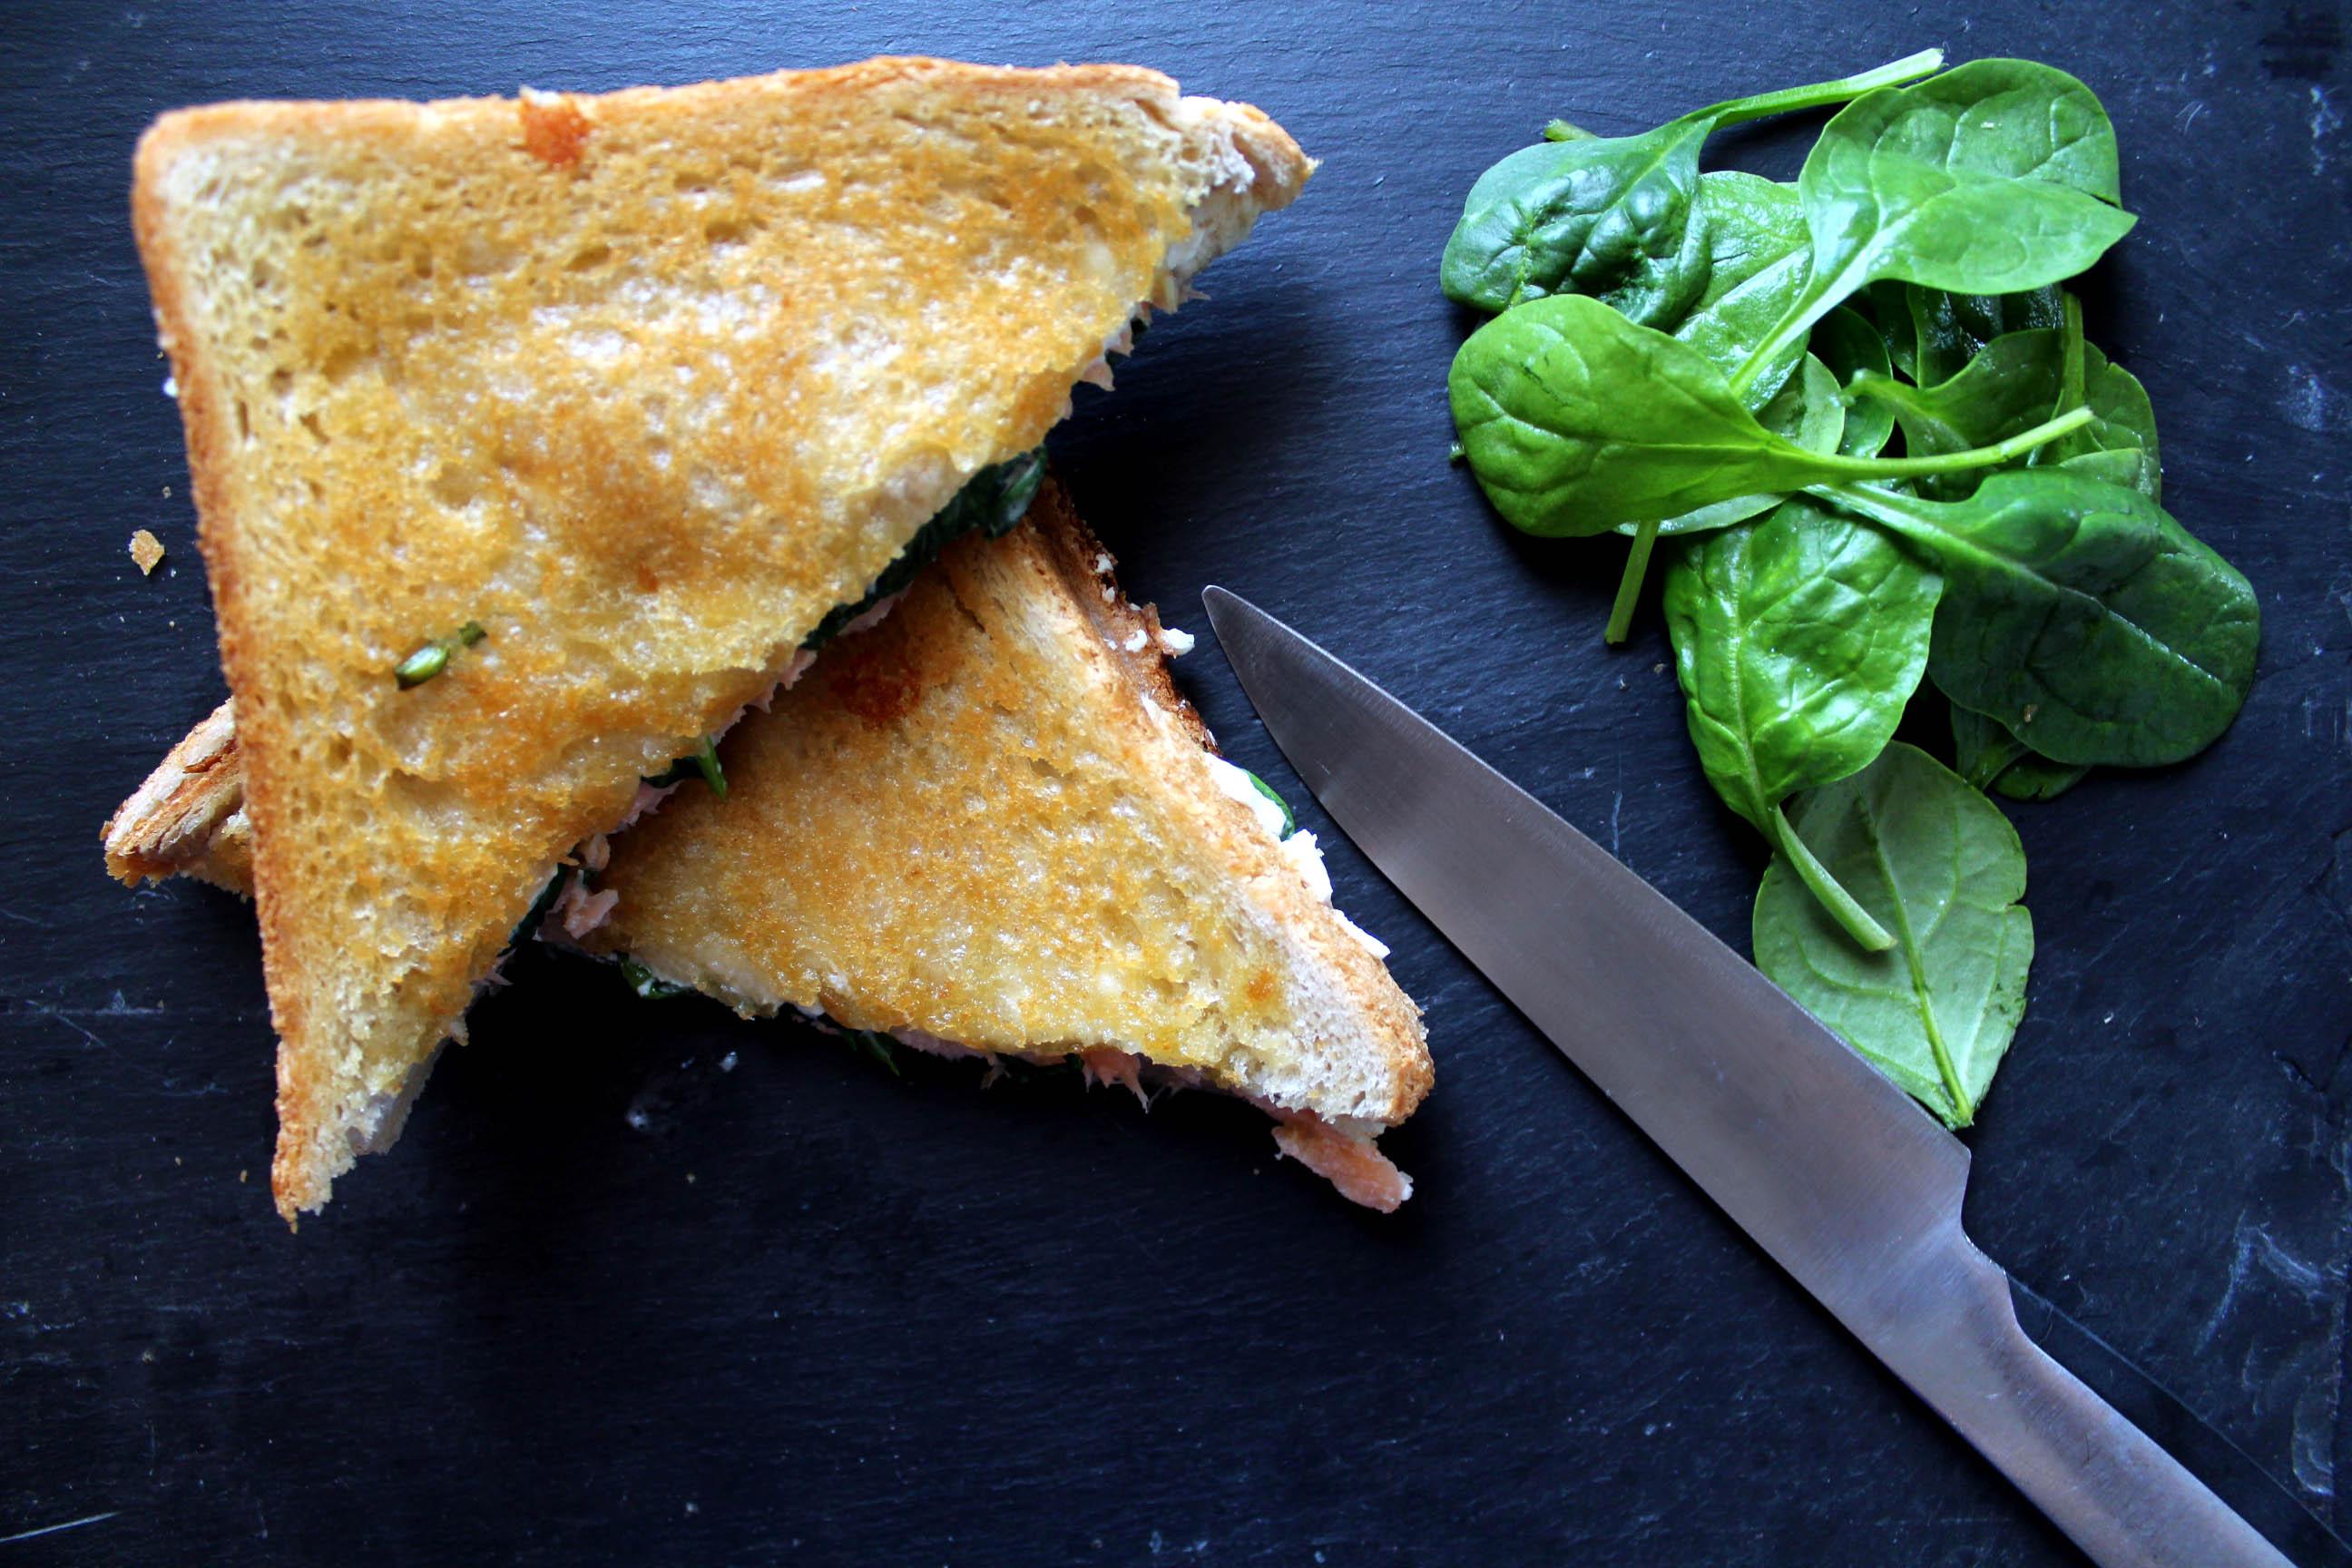 Croque Monsieur A La Poele croque saumon selon philippe conticini | royal chill - blog